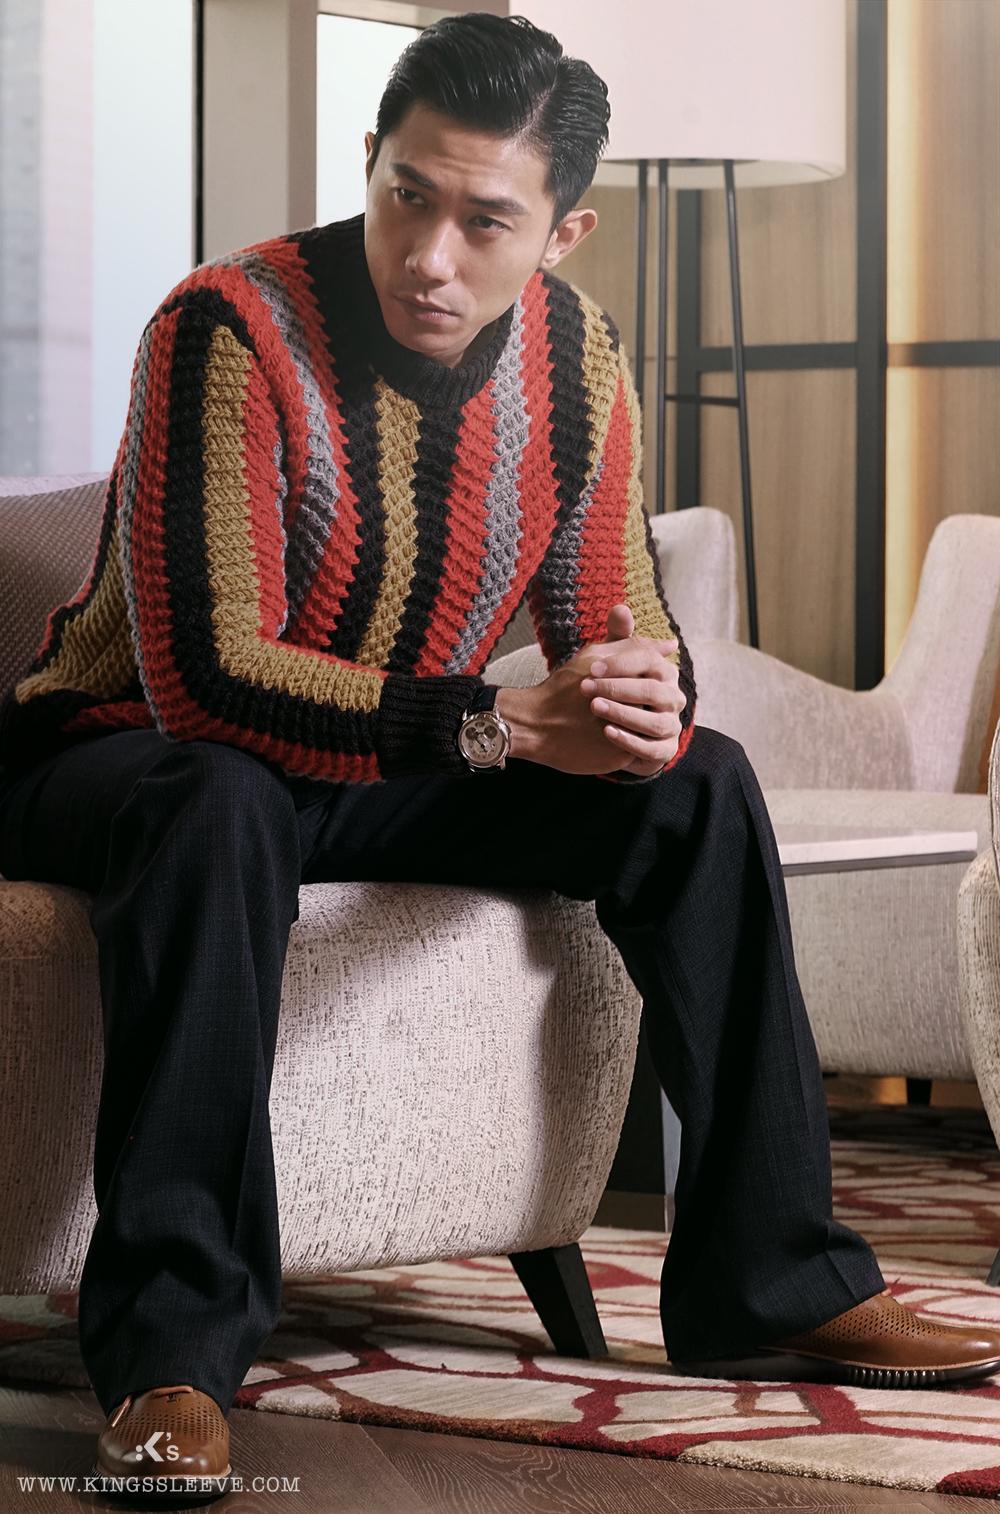 AW18 Bottega Veneta Desmond Tan - [人物专访] Desmond Tan 陈泂江 十年一刻